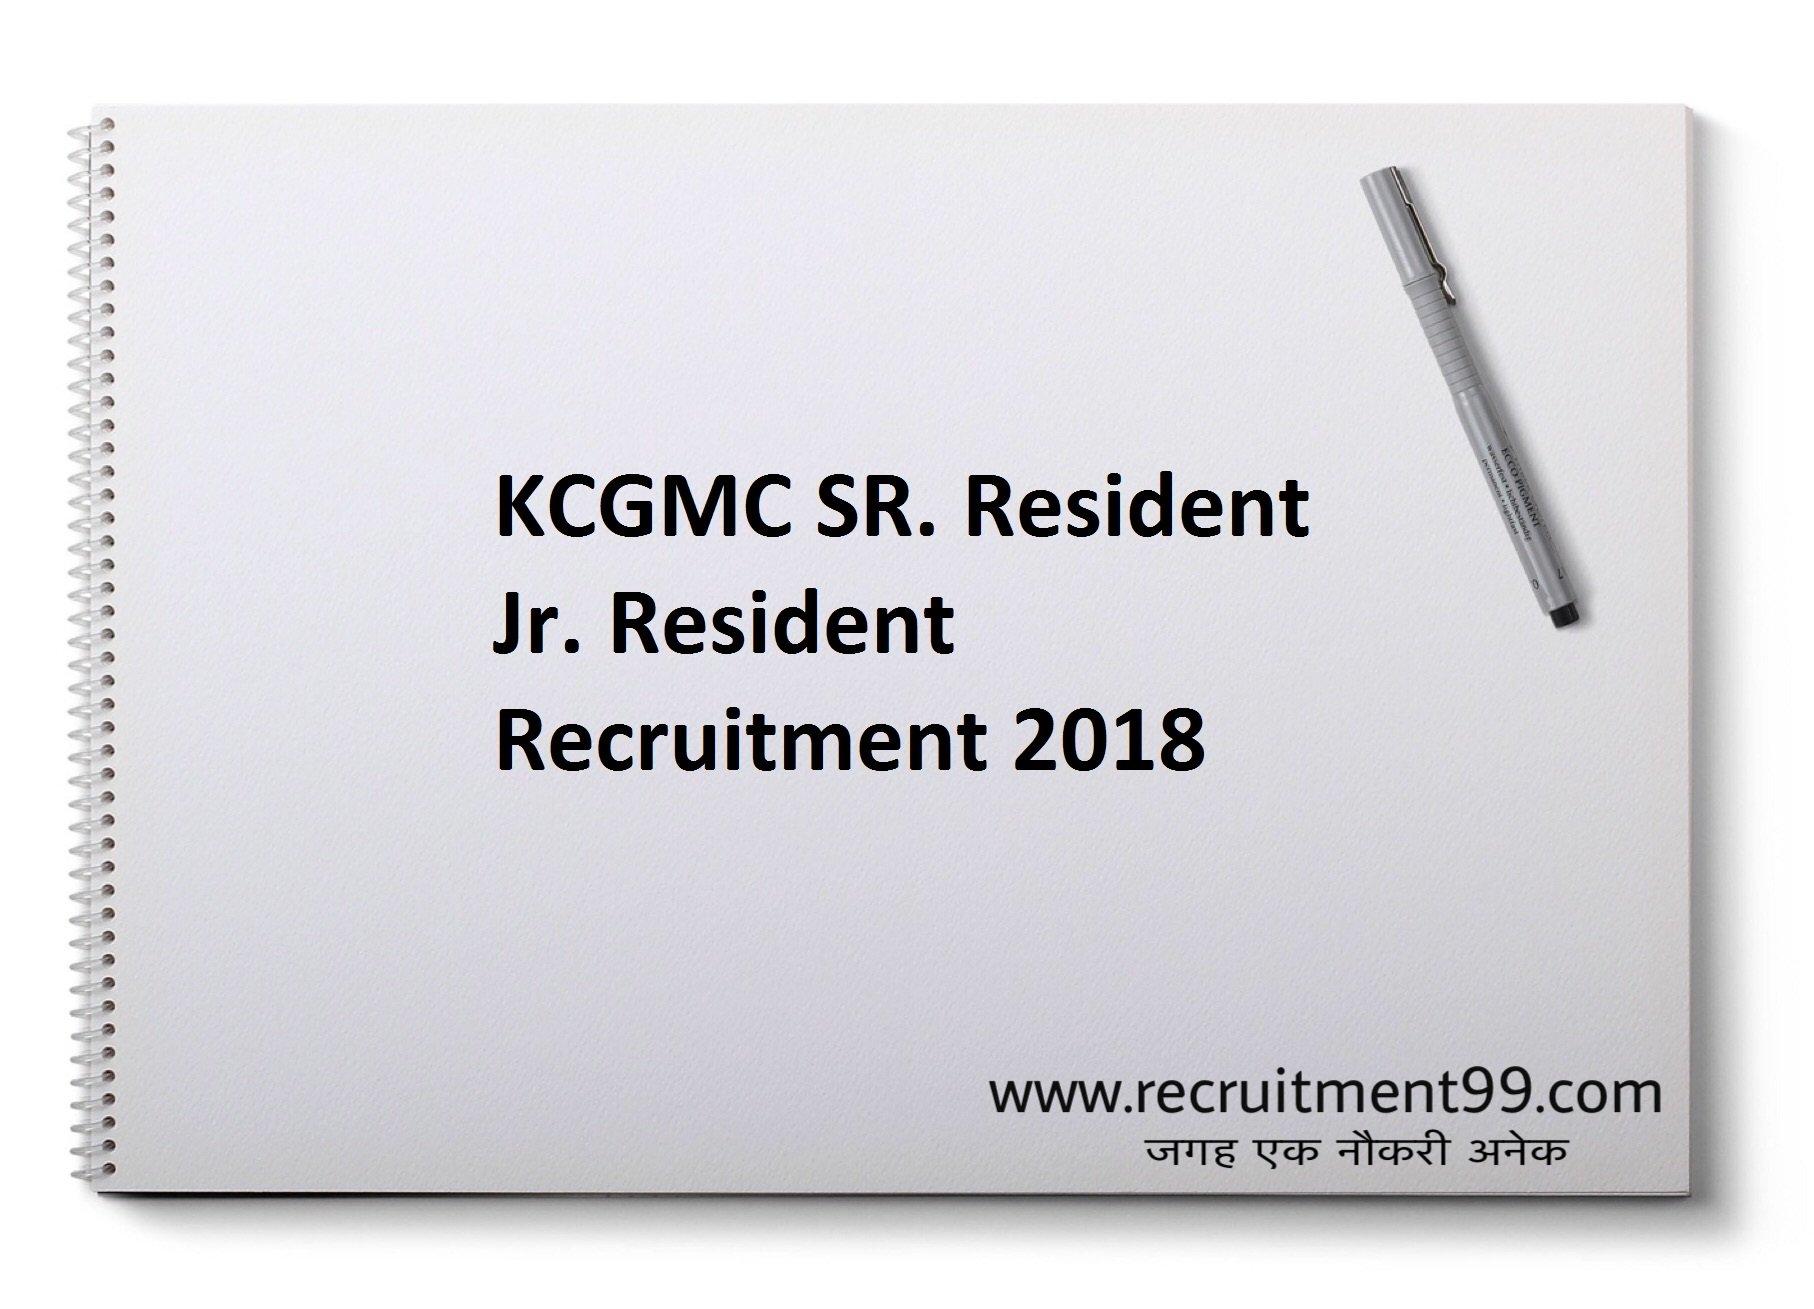 MCGMC SR. Resident Jr. Resident Recruitment Admit Card Result 2018